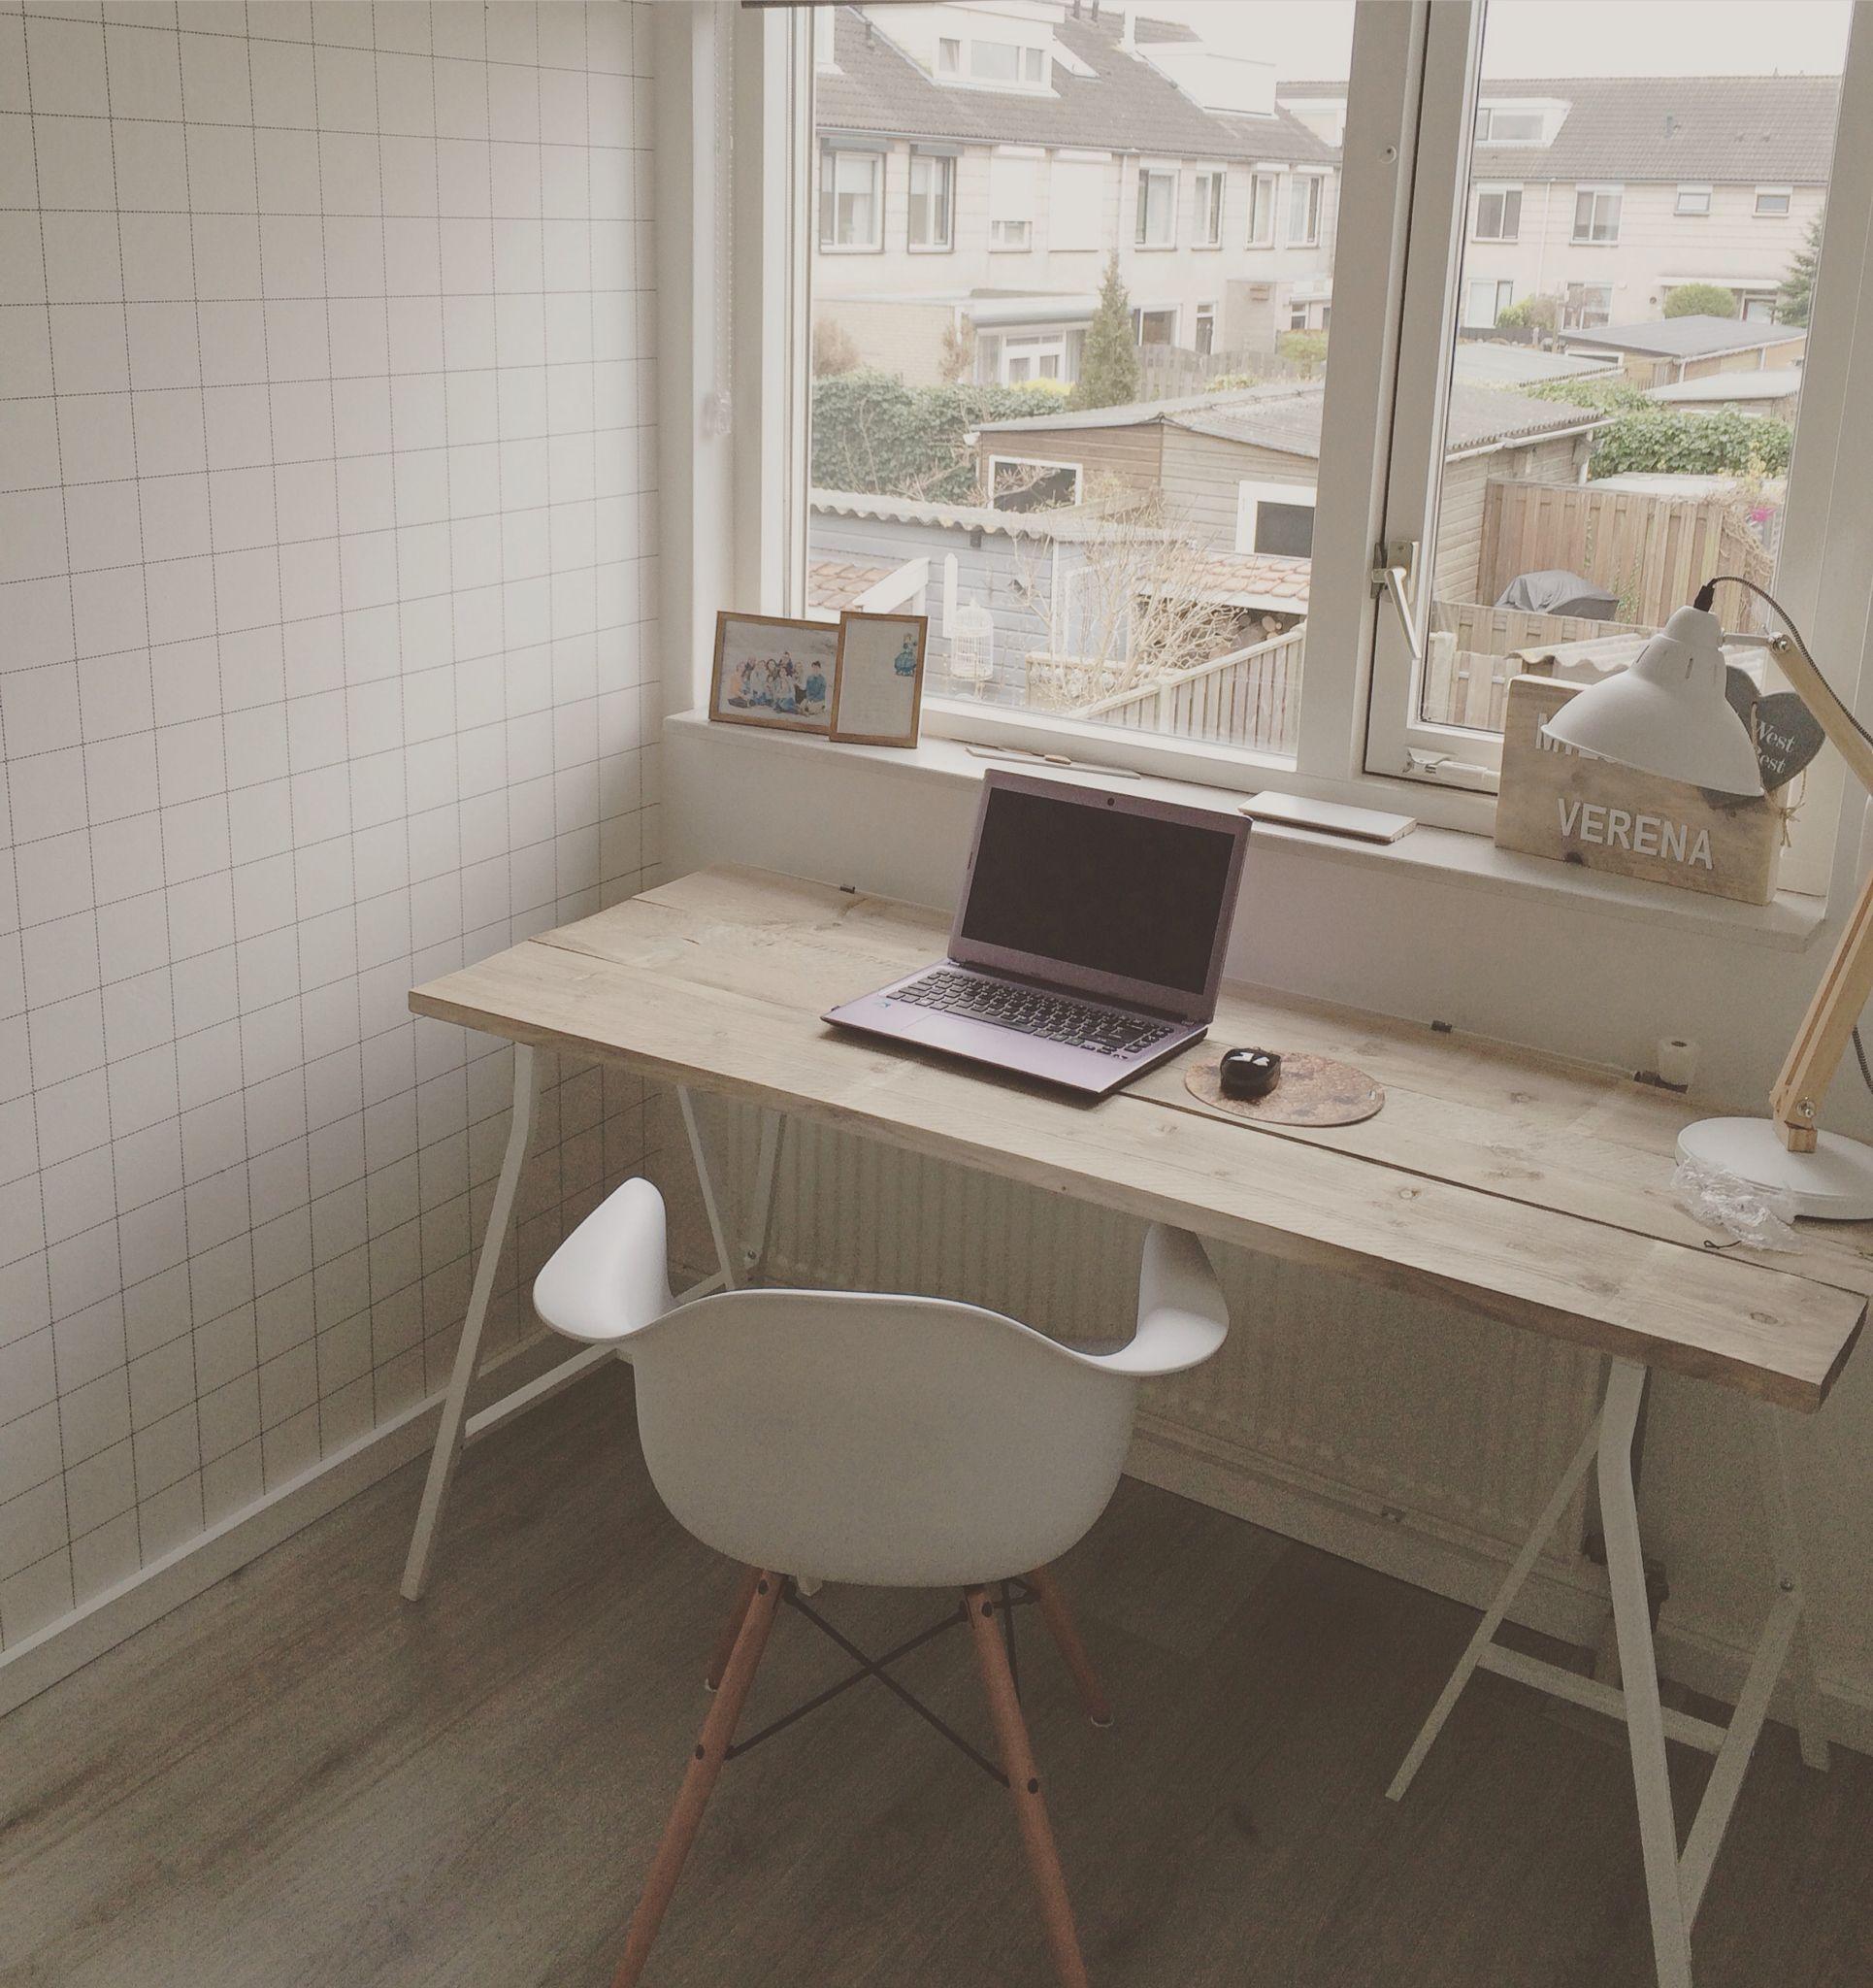 study behang van karwei schragen bureau van ikea stoel van te leuk hout vereenster huis. Black Bedroom Furniture Sets. Home Design Ideas